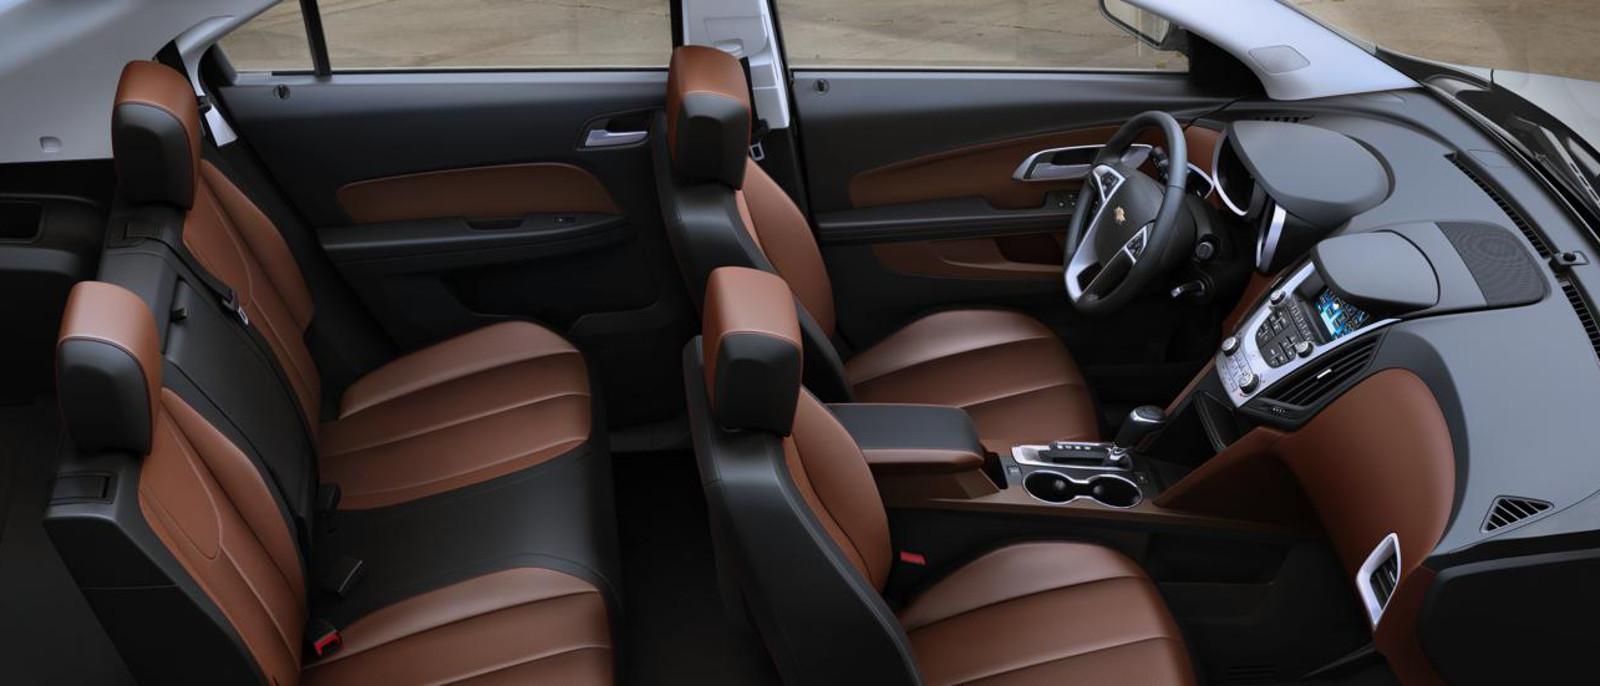 2016 Chevrolet Equinox Glendale Heights Bloomingdale